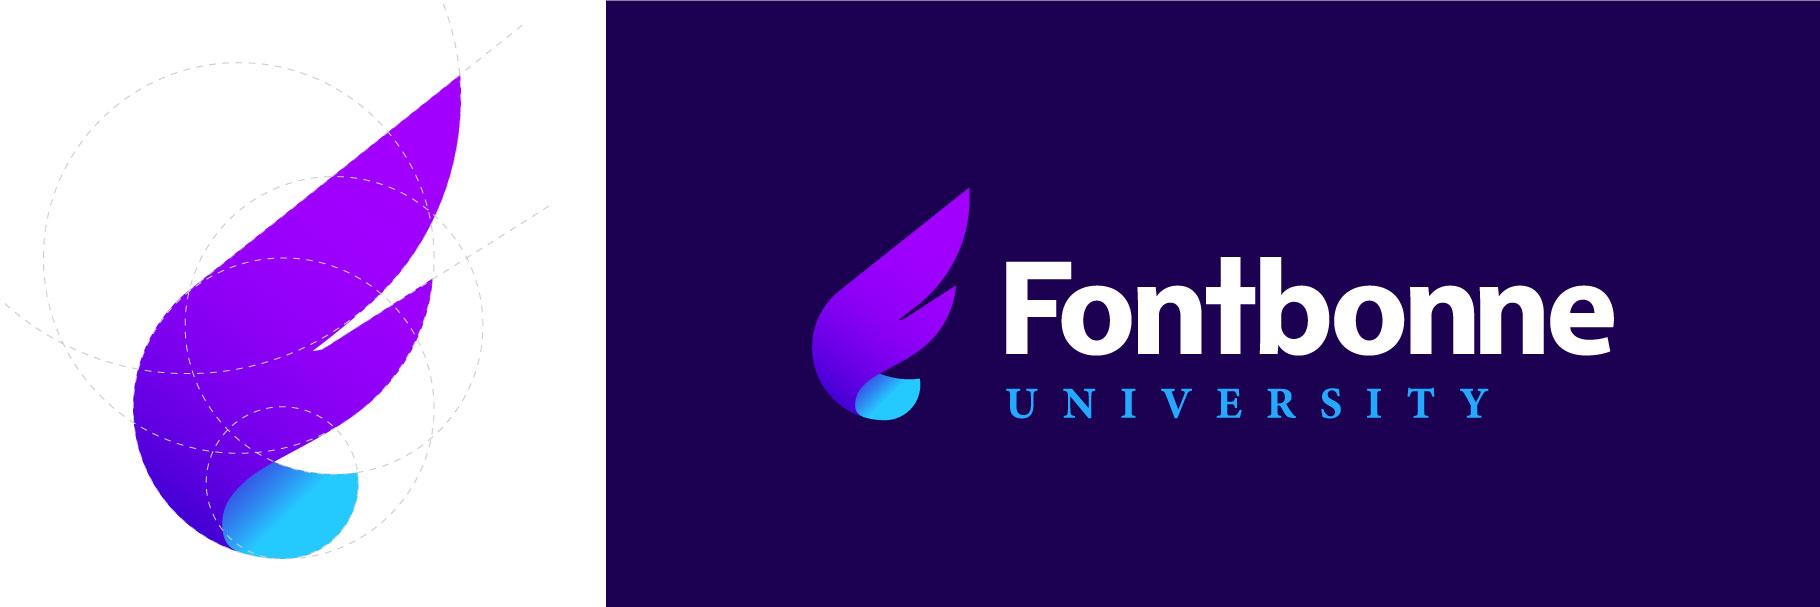 Fontbonne University logo mark and full logo